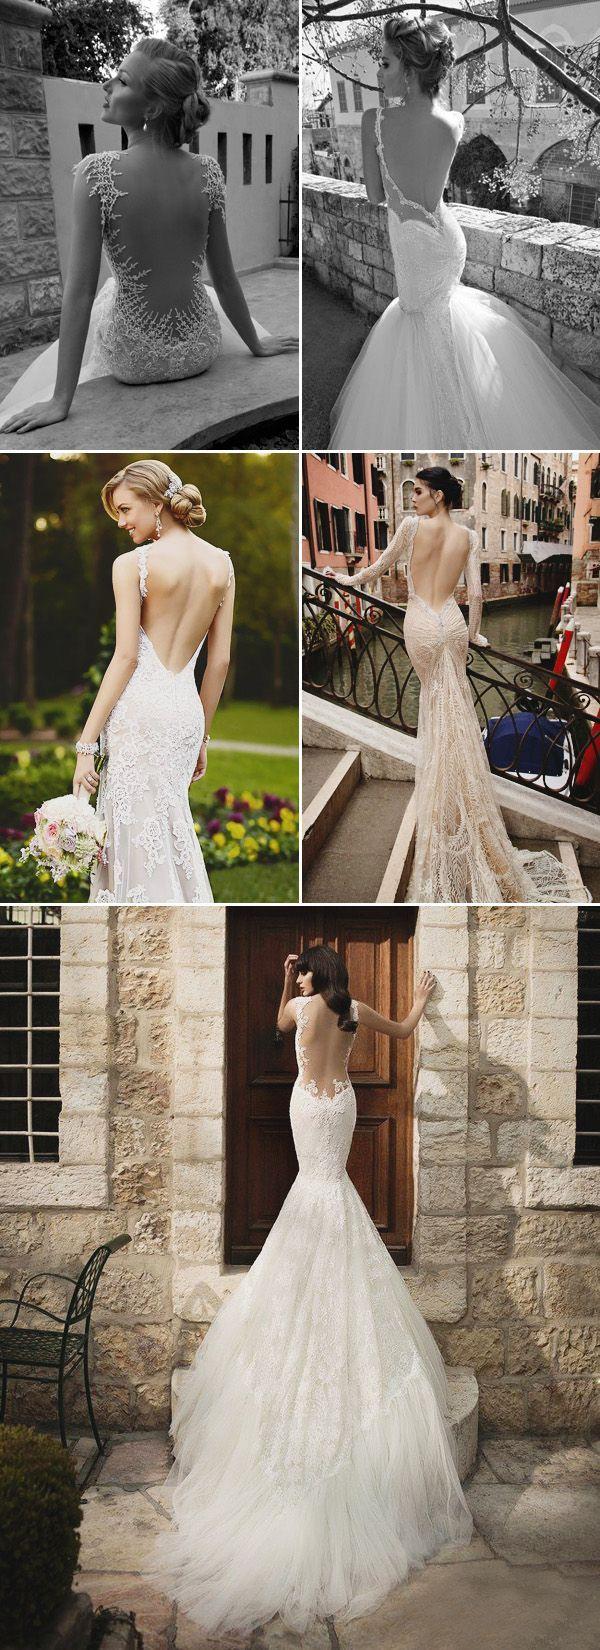 Sexy Deep V-shape Backless Mermaid Wedding Dresses 2015 trends - Deer Pearl Flowers